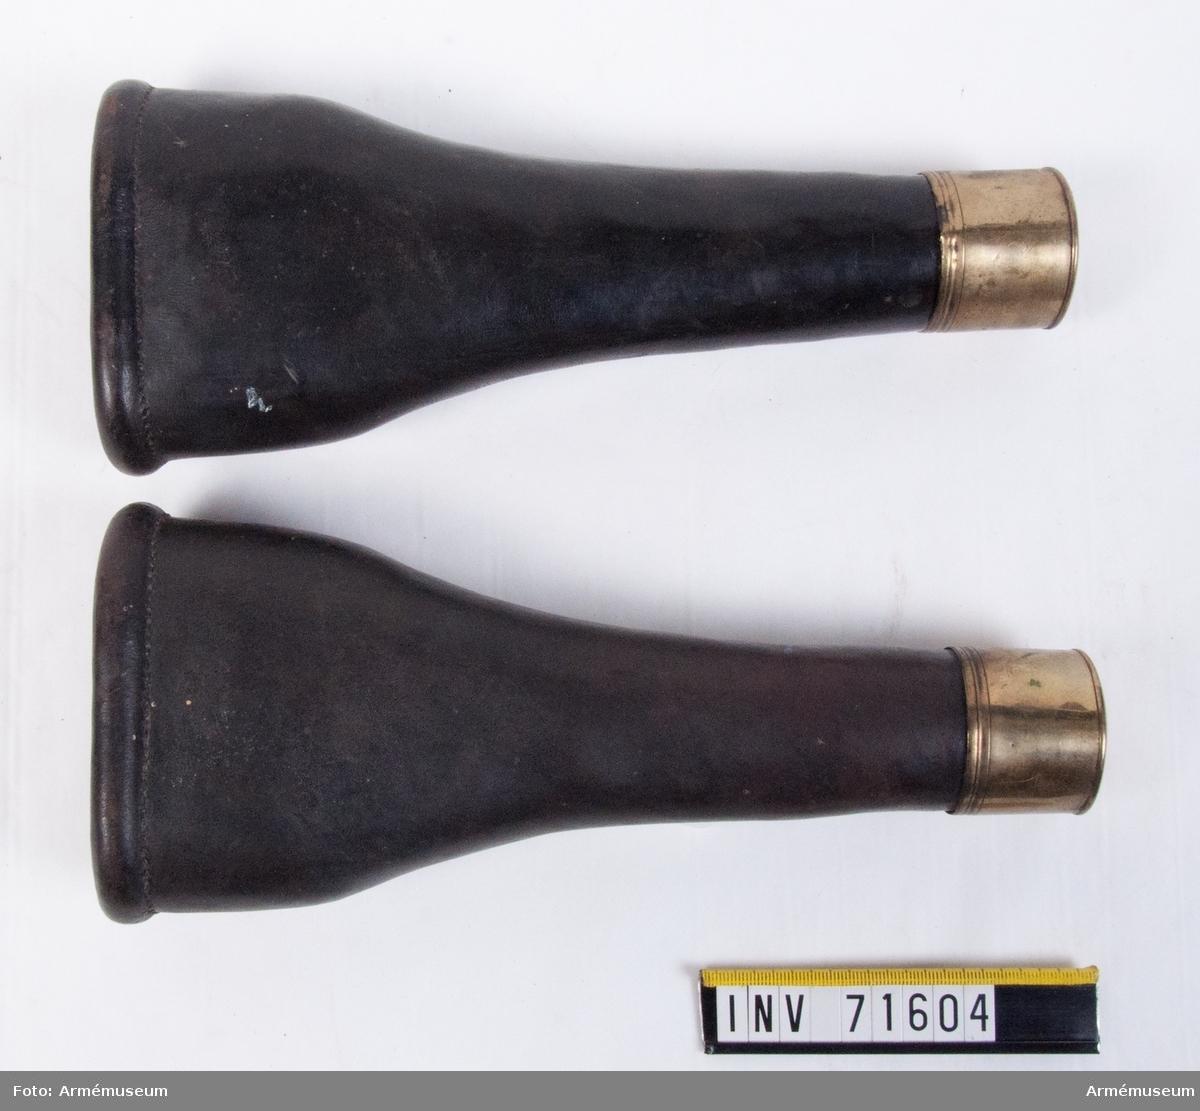 Grupp C II. Pistol fodral. Enligt uppgift av överste Björnstjerna, ej avsedda för pistoler, utan bars för att markera hölster på sadelmunderingen sedan pistoler utgått ur beväpningen.